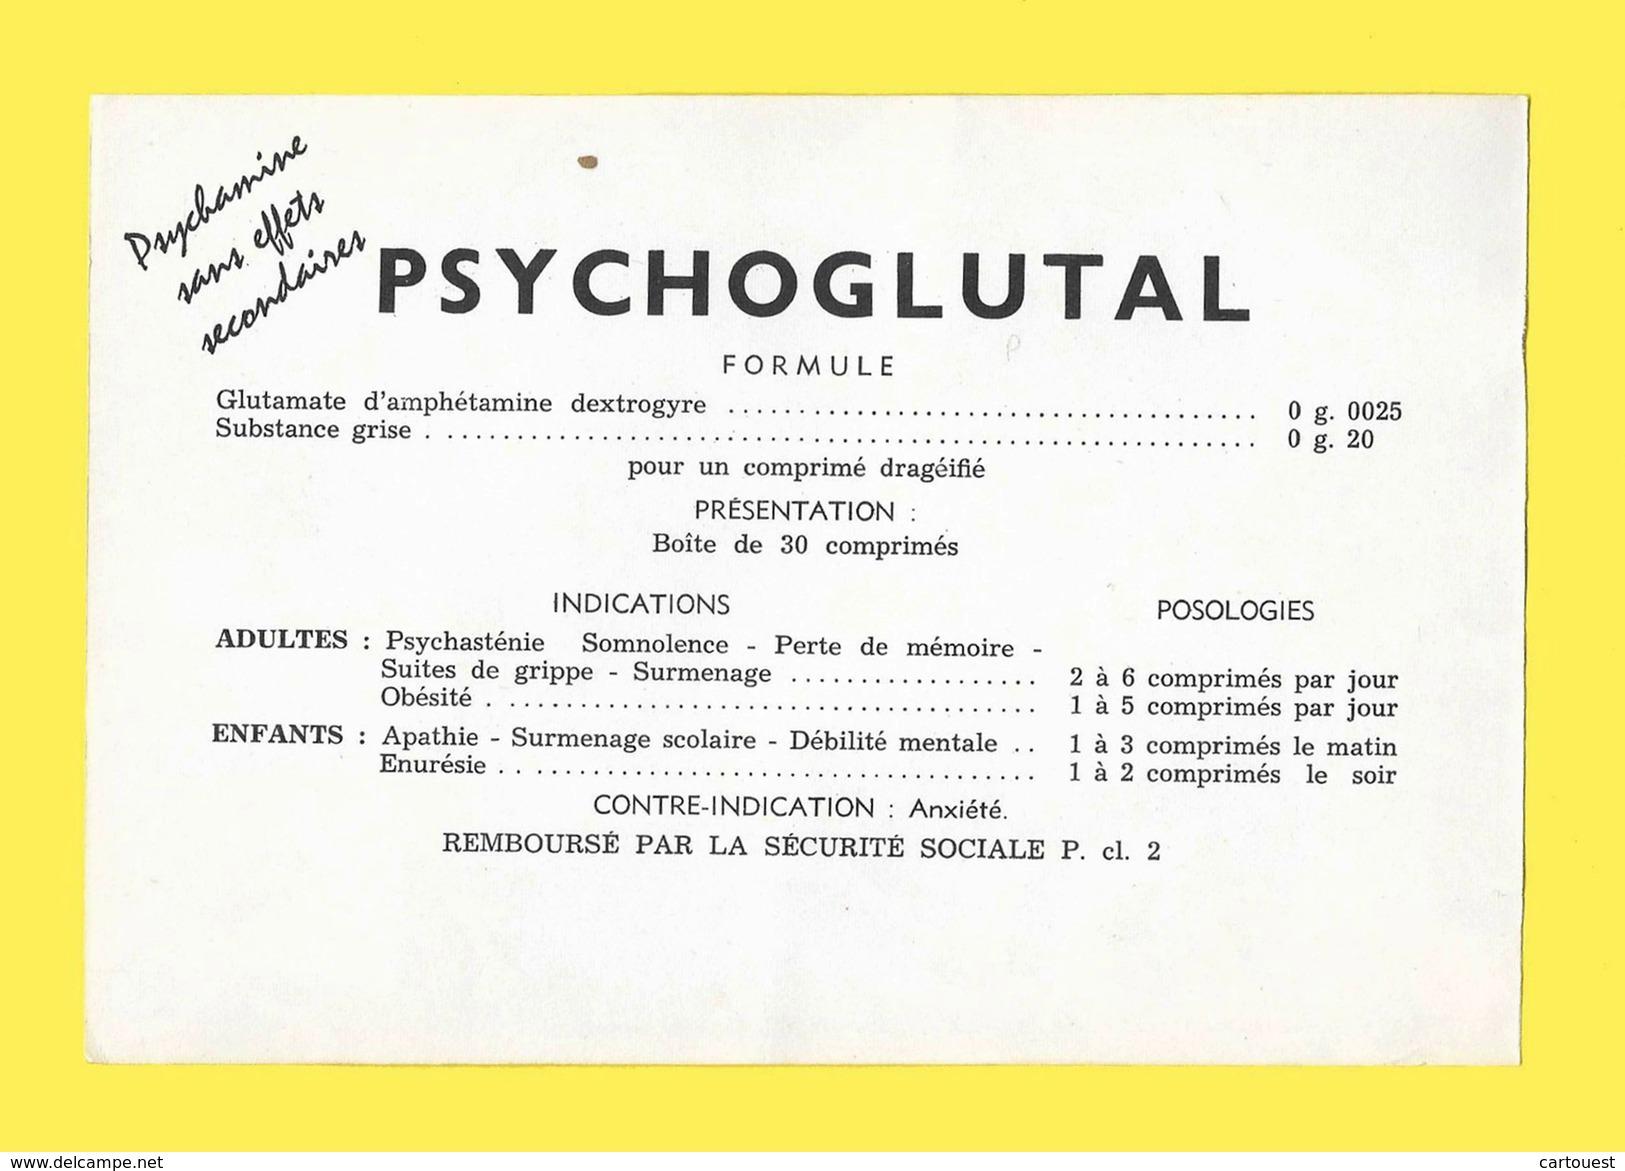 PHARMACIE : Pub PSYCHOGLUTAL ( Hémorragies) Labo FRAYSSE Arènes SANGLANTES ( Illustré DUBOUT Albert ) Sport Boxe Sang - Produits Pharmaceutiques